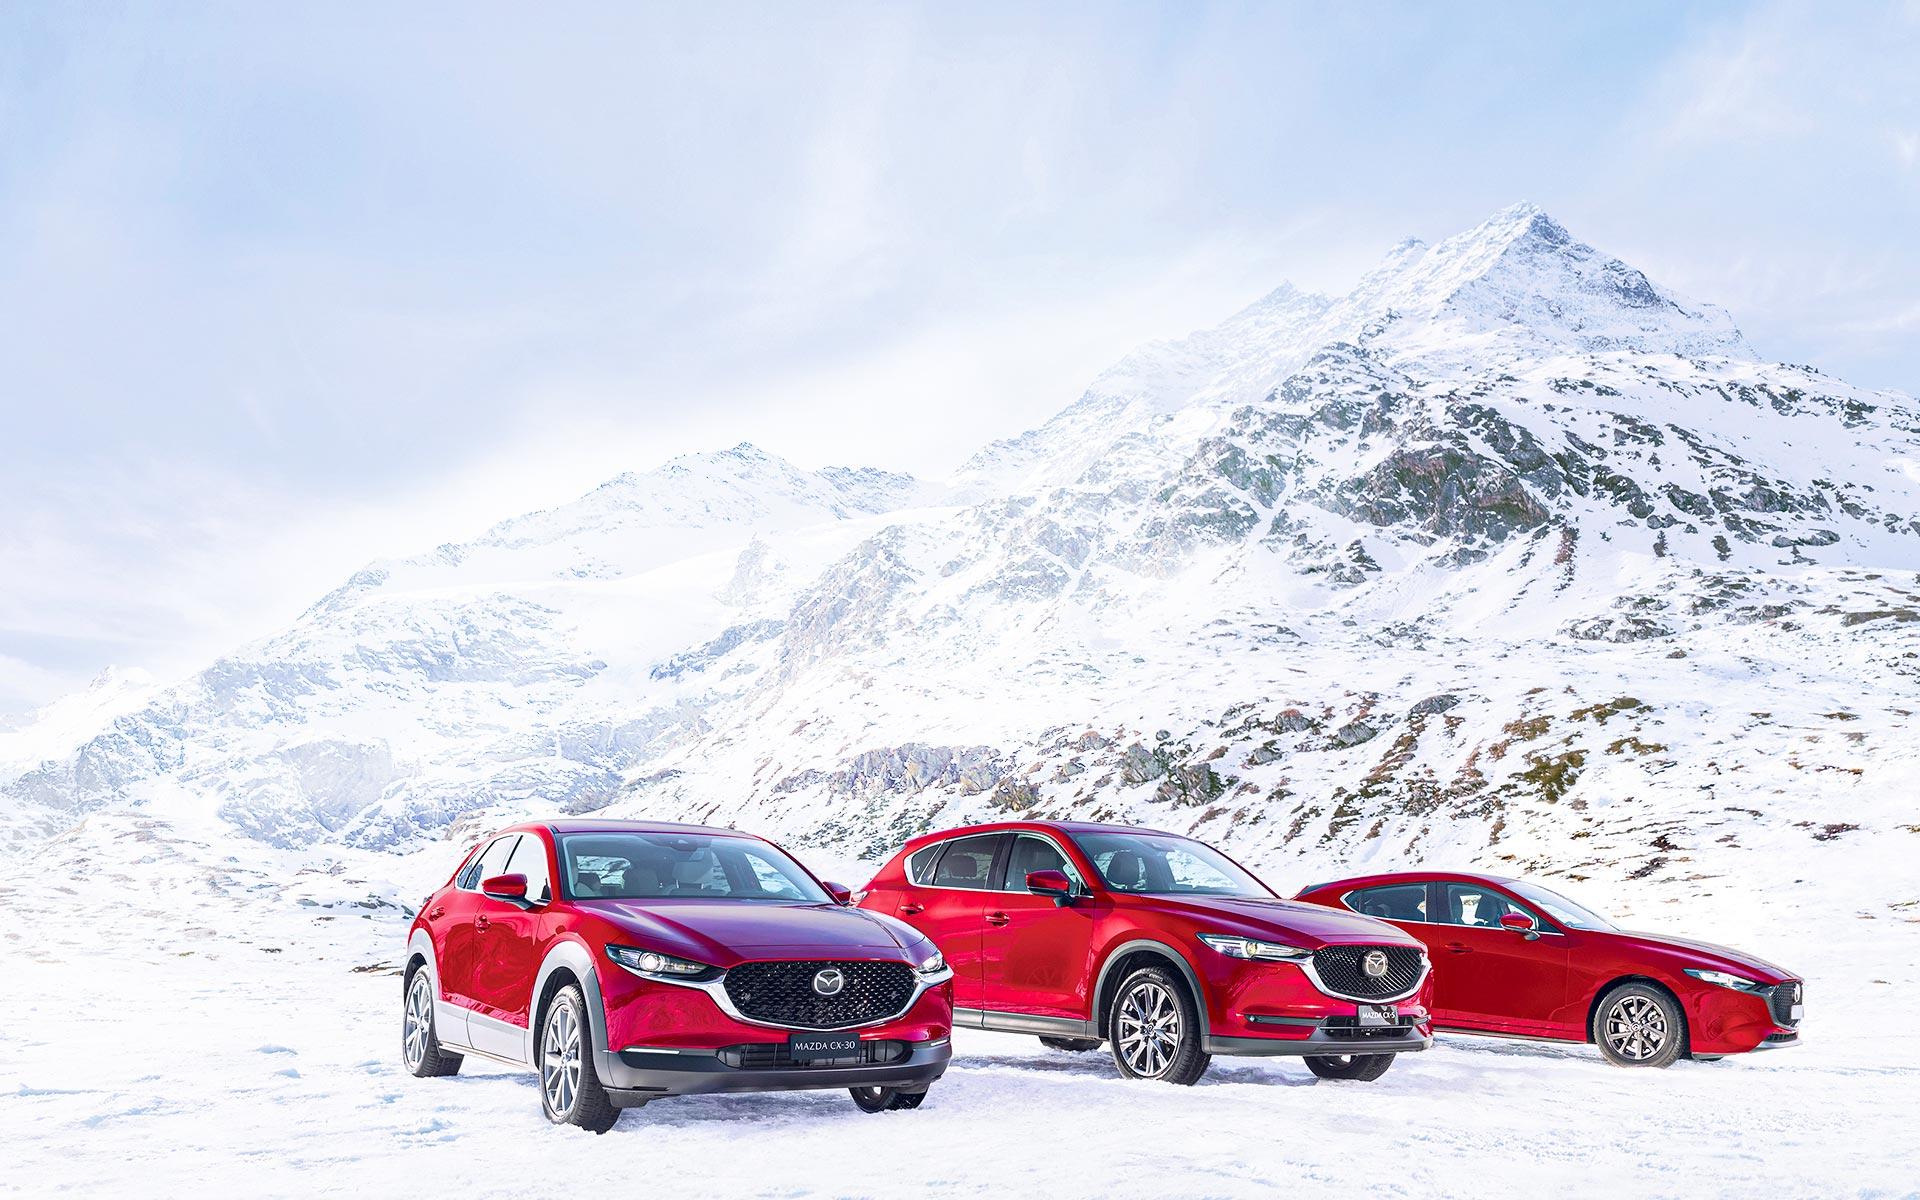 Offre Mazda 4x4 offert sur Mazda CX-5, Mazda CX-30 et Mazda3